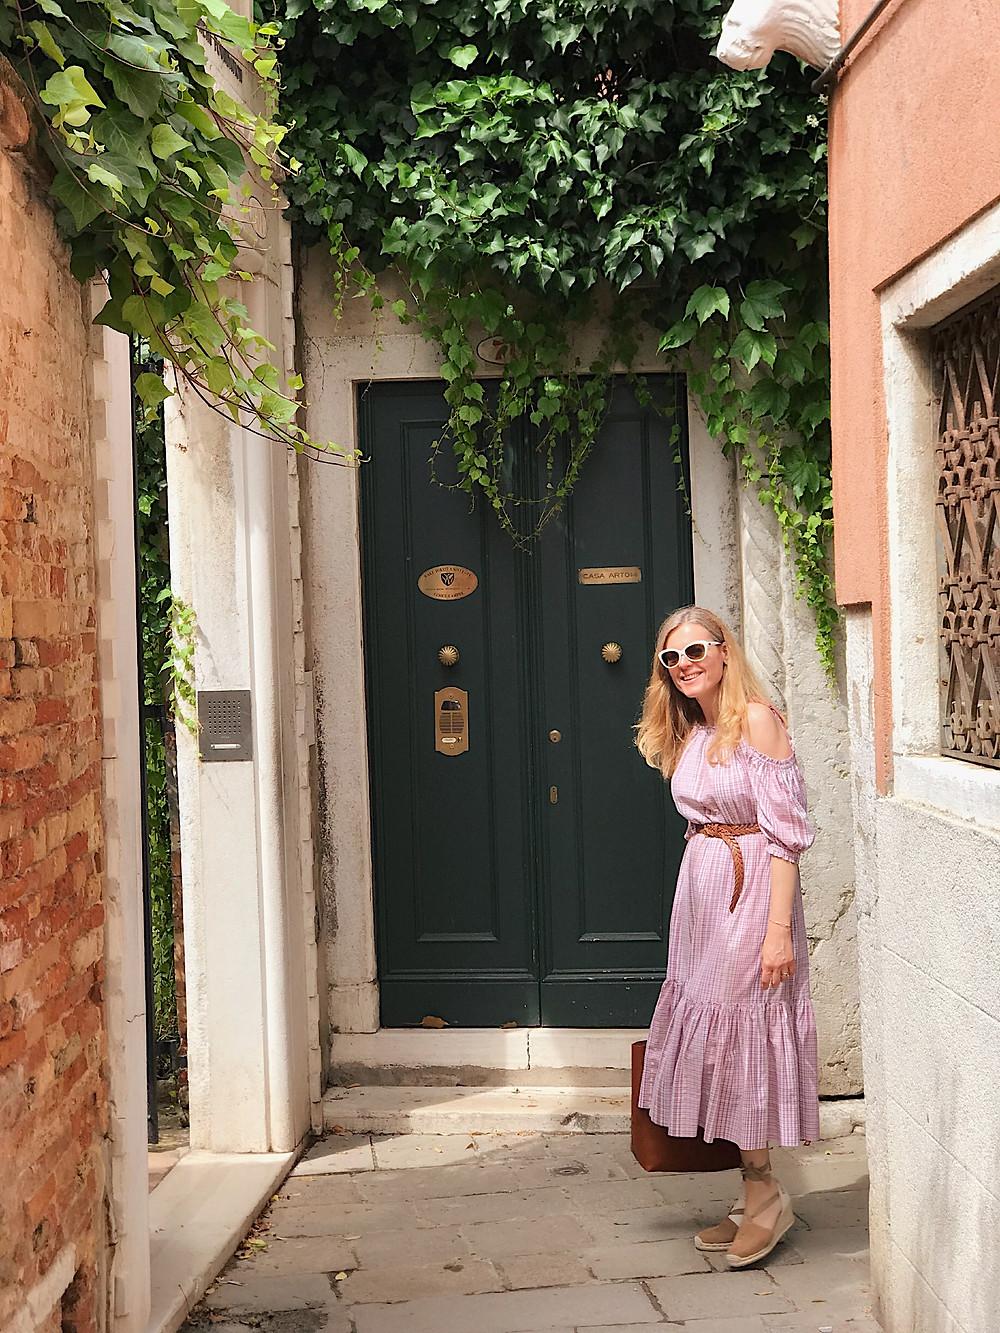 woman in pink dress on small Venetian street